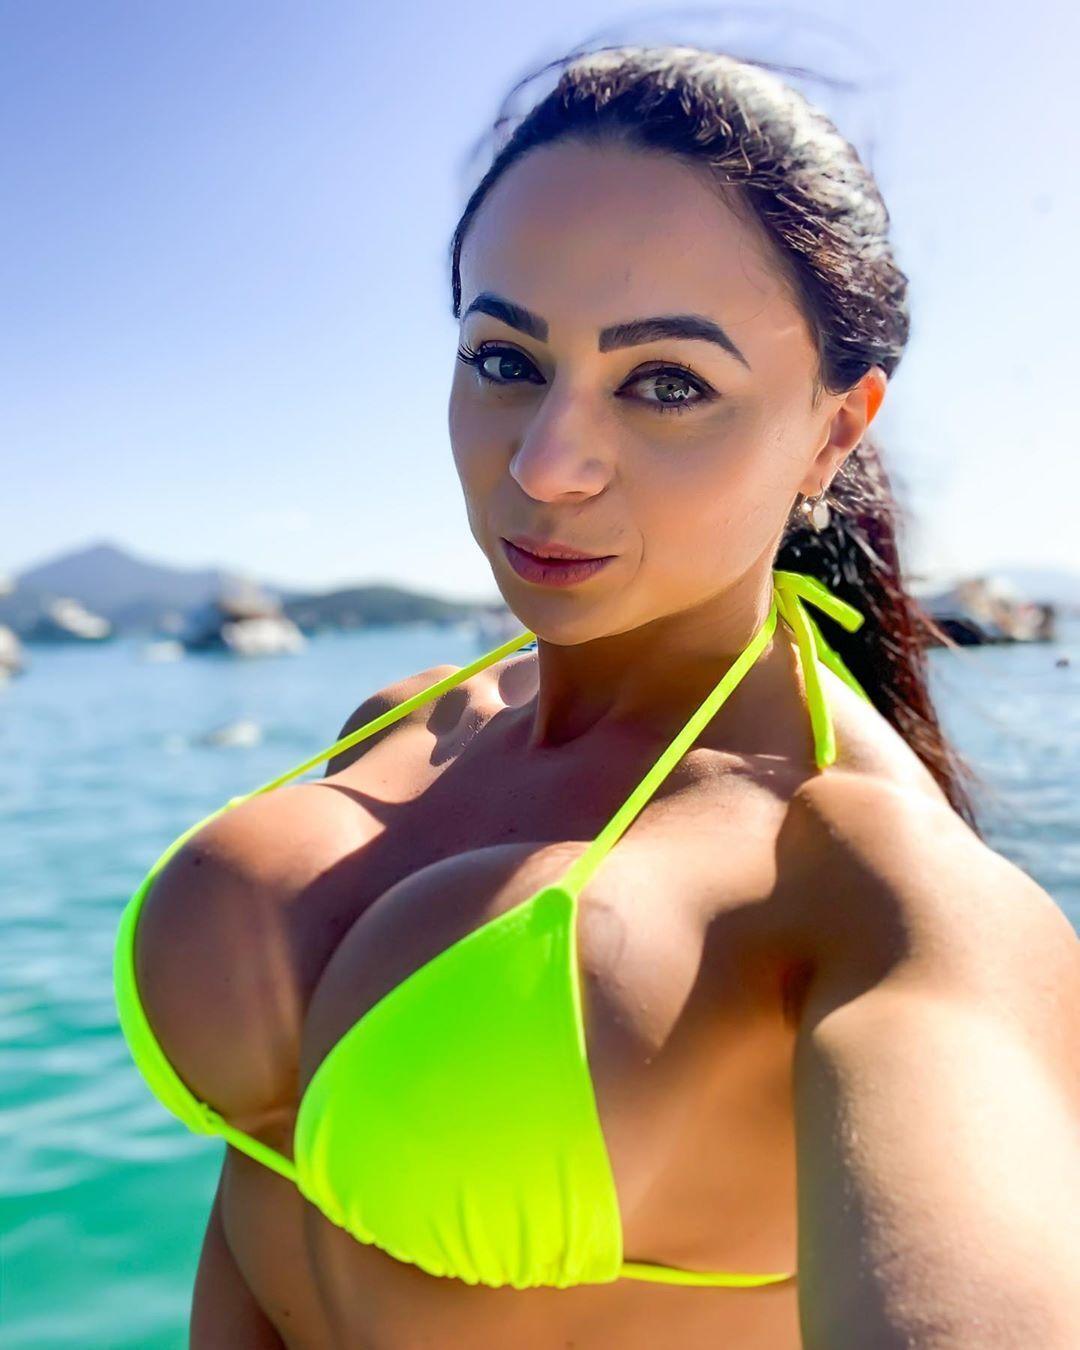 Валерия Пачеко на море